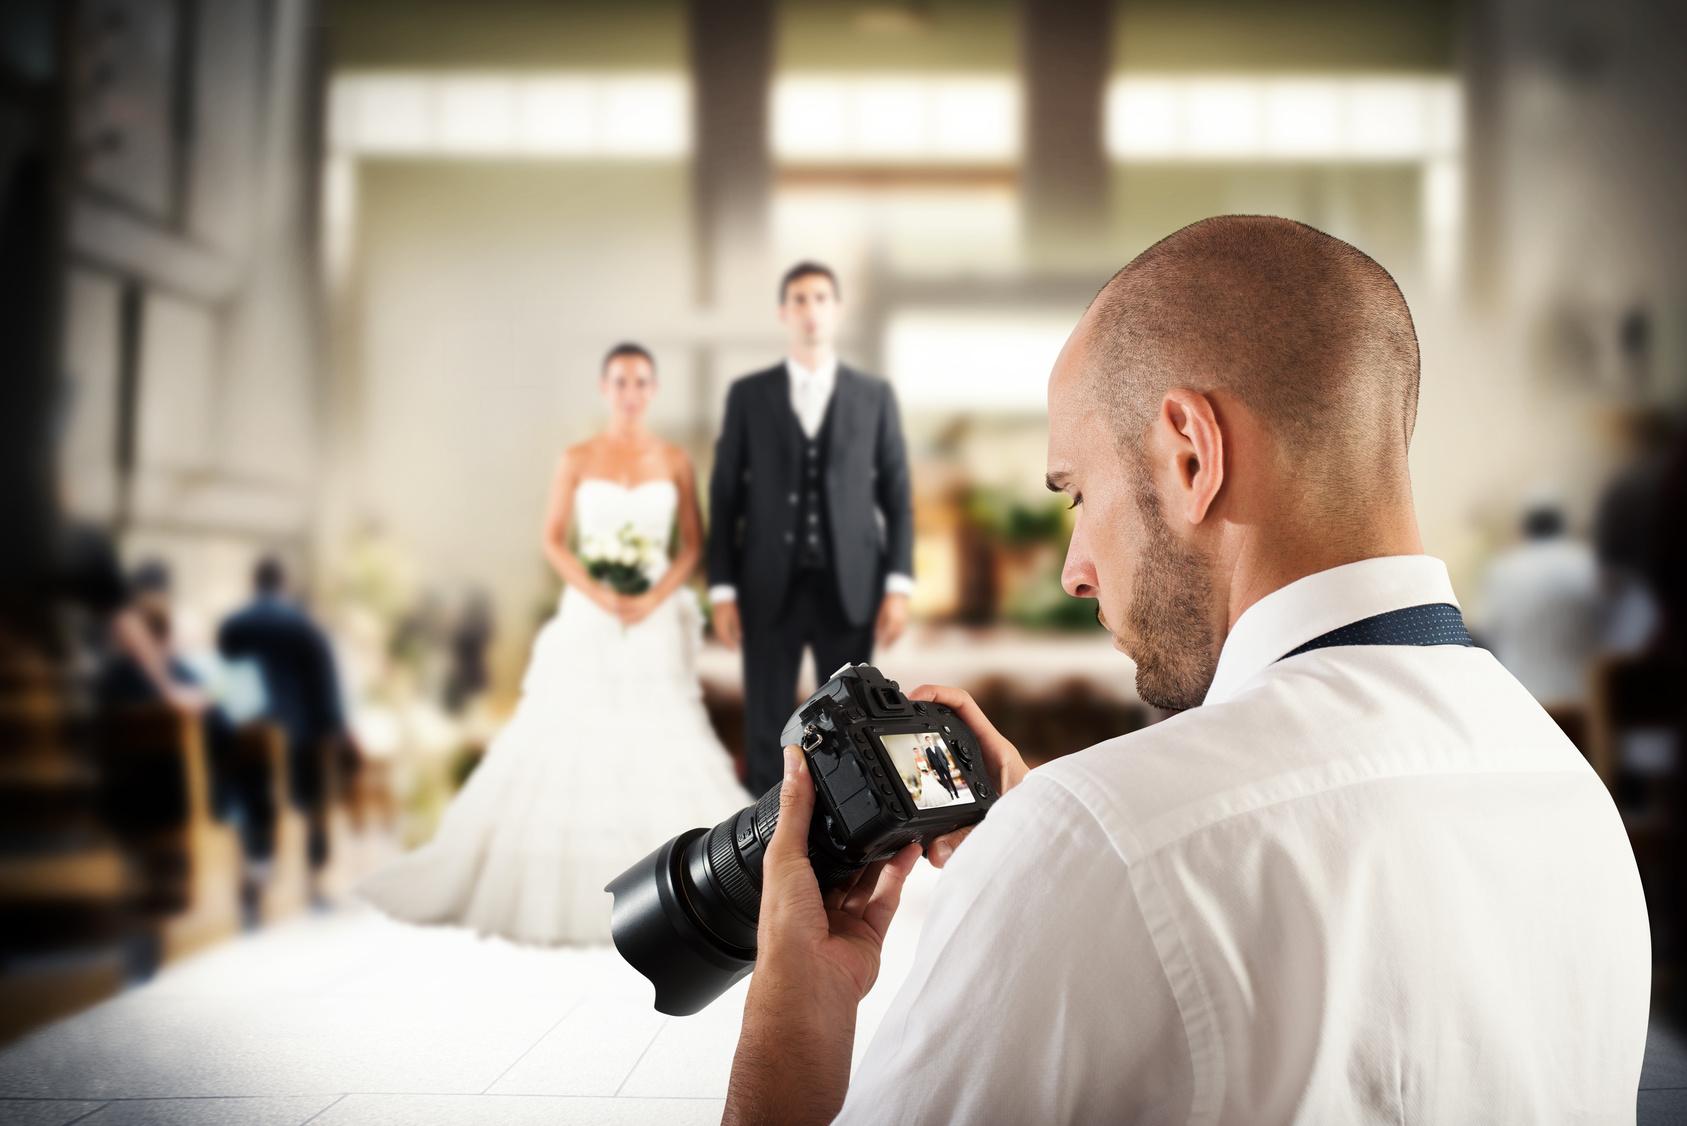 Fotograf prüft ein Bild vom Brautpaar auf seinem Kameradisplay.